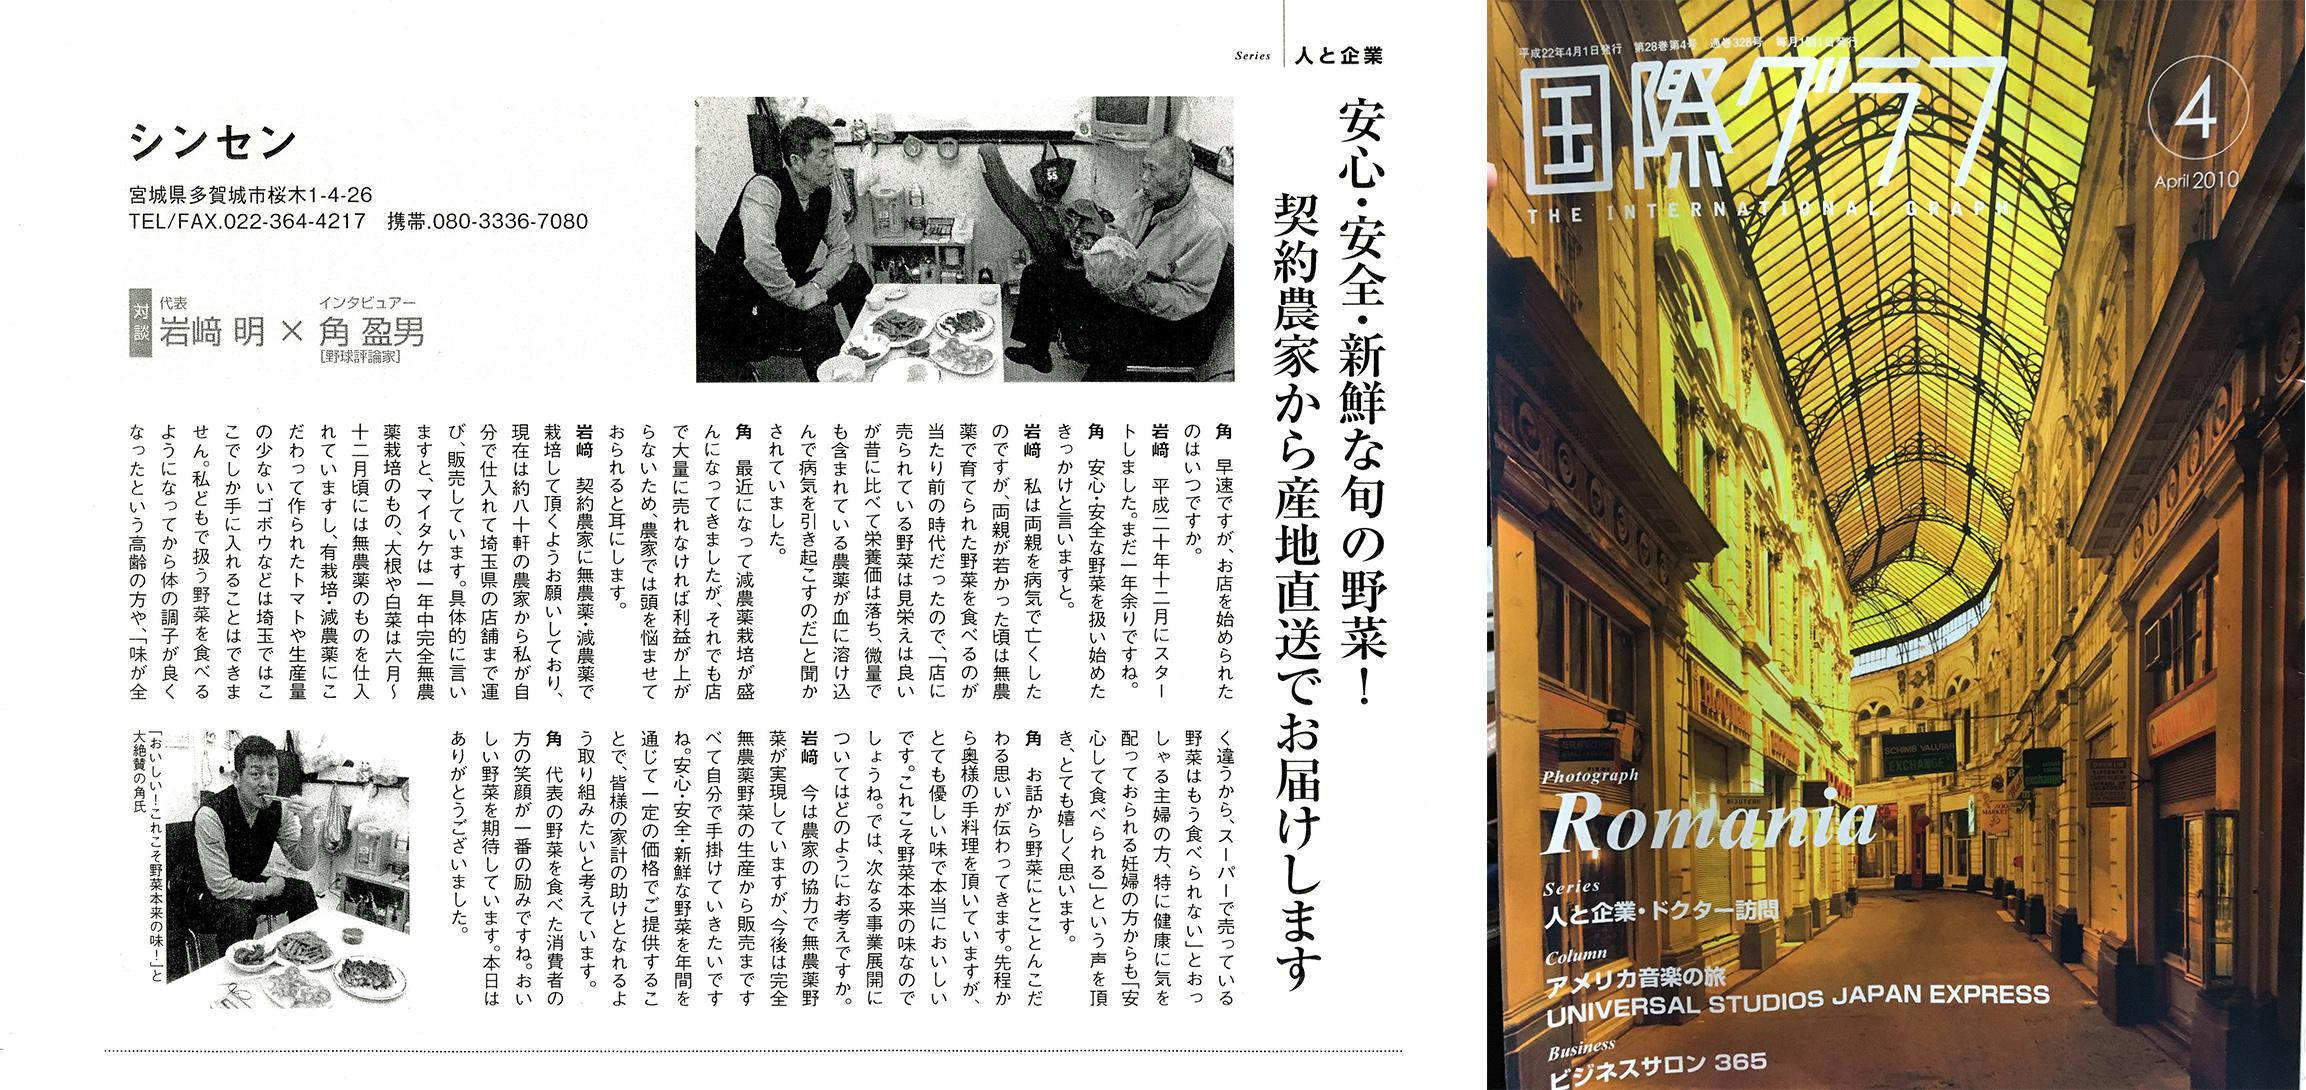 /data/project/493/2010年4月_国際グラフにて元プロ野球選手_角さんのインタビュー.jpg